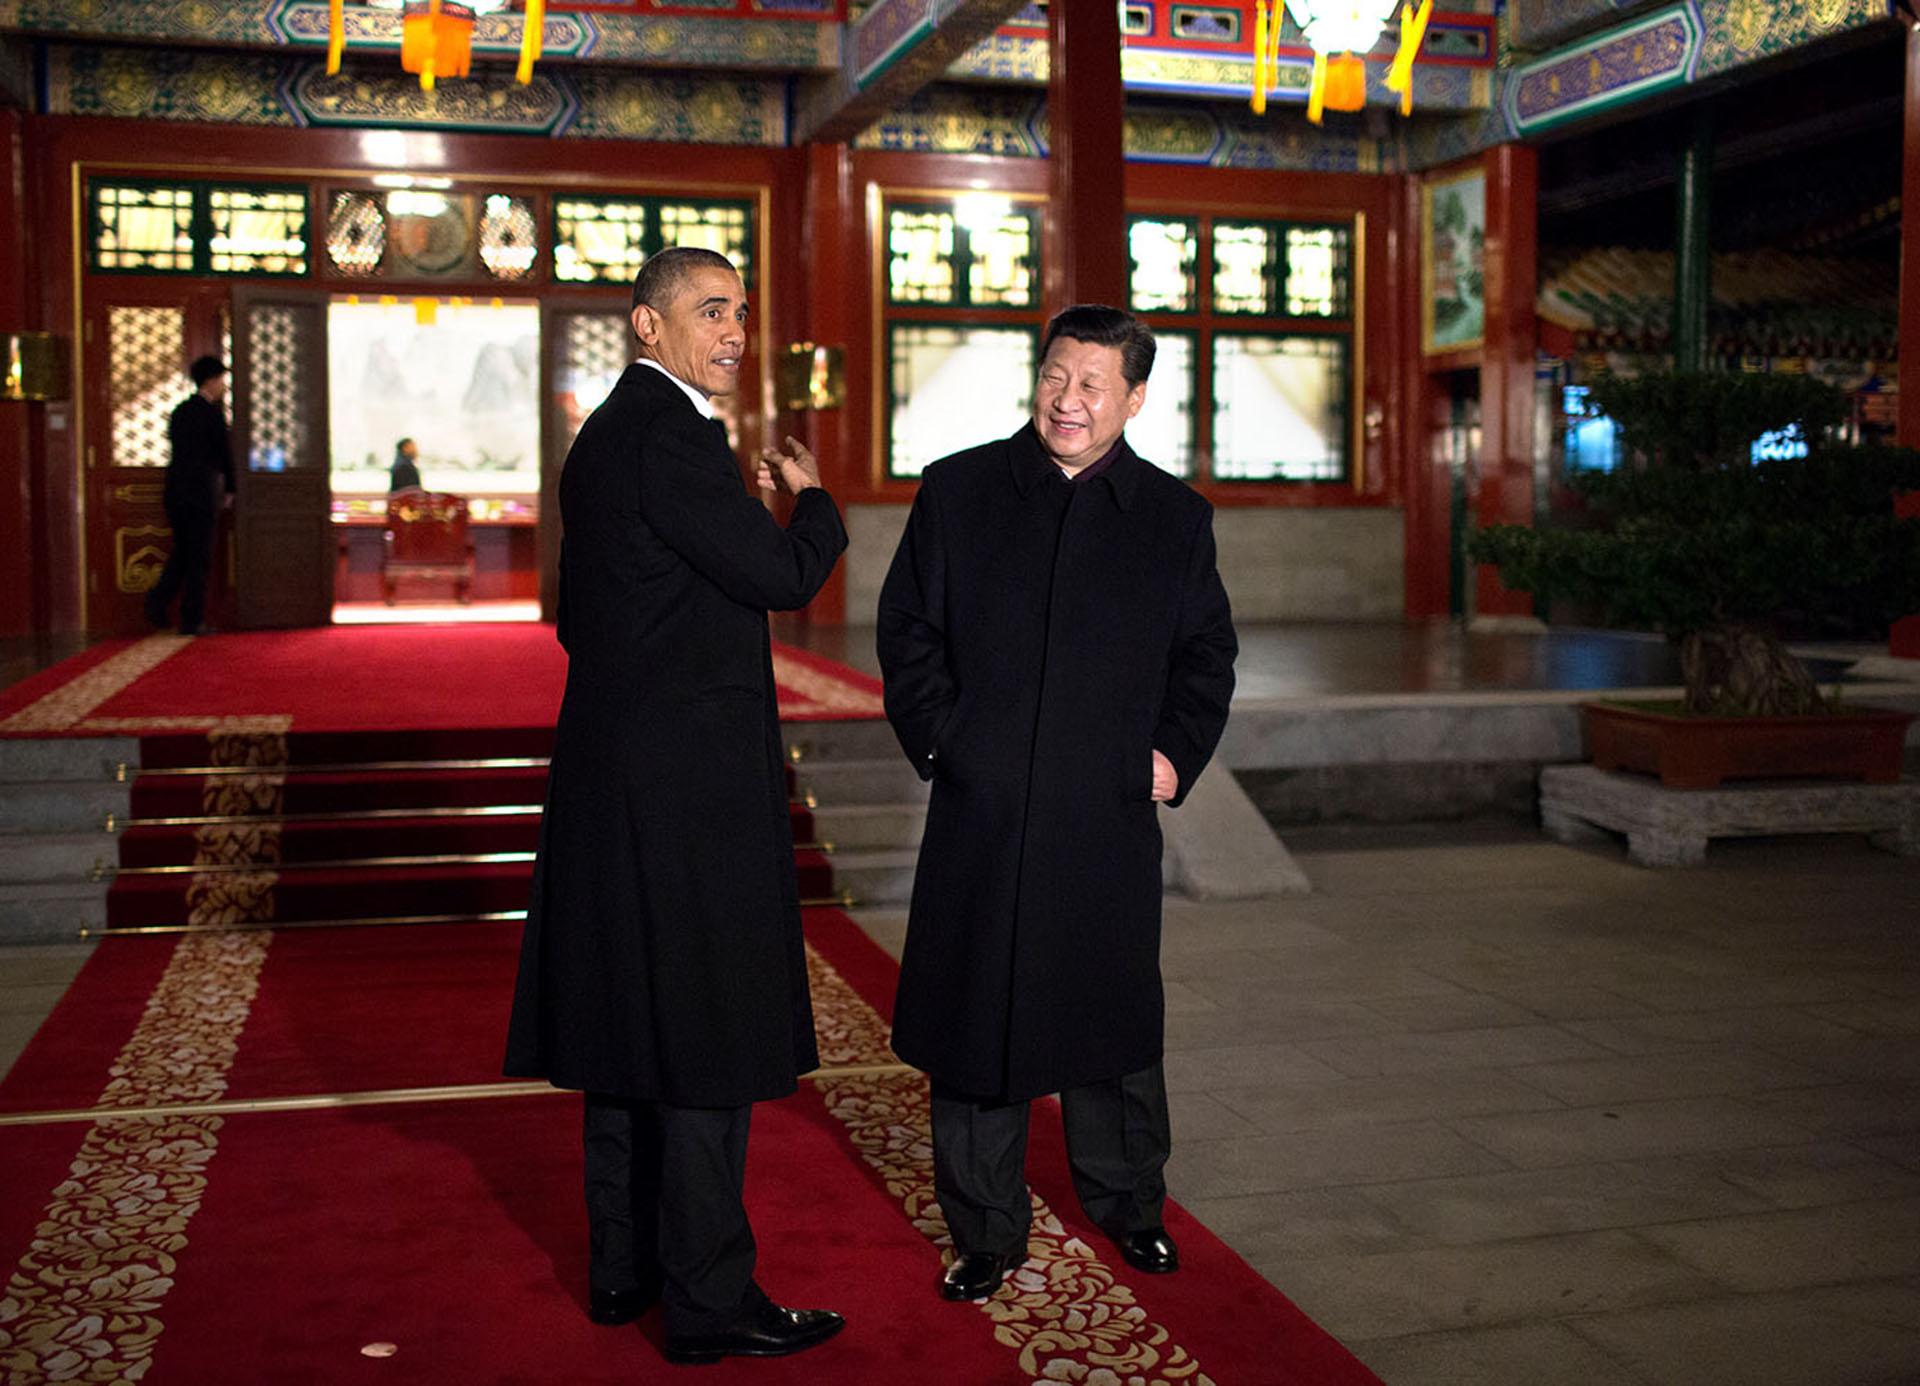 Los presidentes Obama y Xi Jinping de China anunciaron nuevos e históricos objetivos para la reducción de las emisiones de gases de efecto invernadero durante el viaje de noviembre de 2014 a Beijing. Ambos líderes fueron instrumentales en lograr el acuerdo de París de 2015 en el que 200 países se comprometieron a limitar los impactos dañinos del cambio climático.